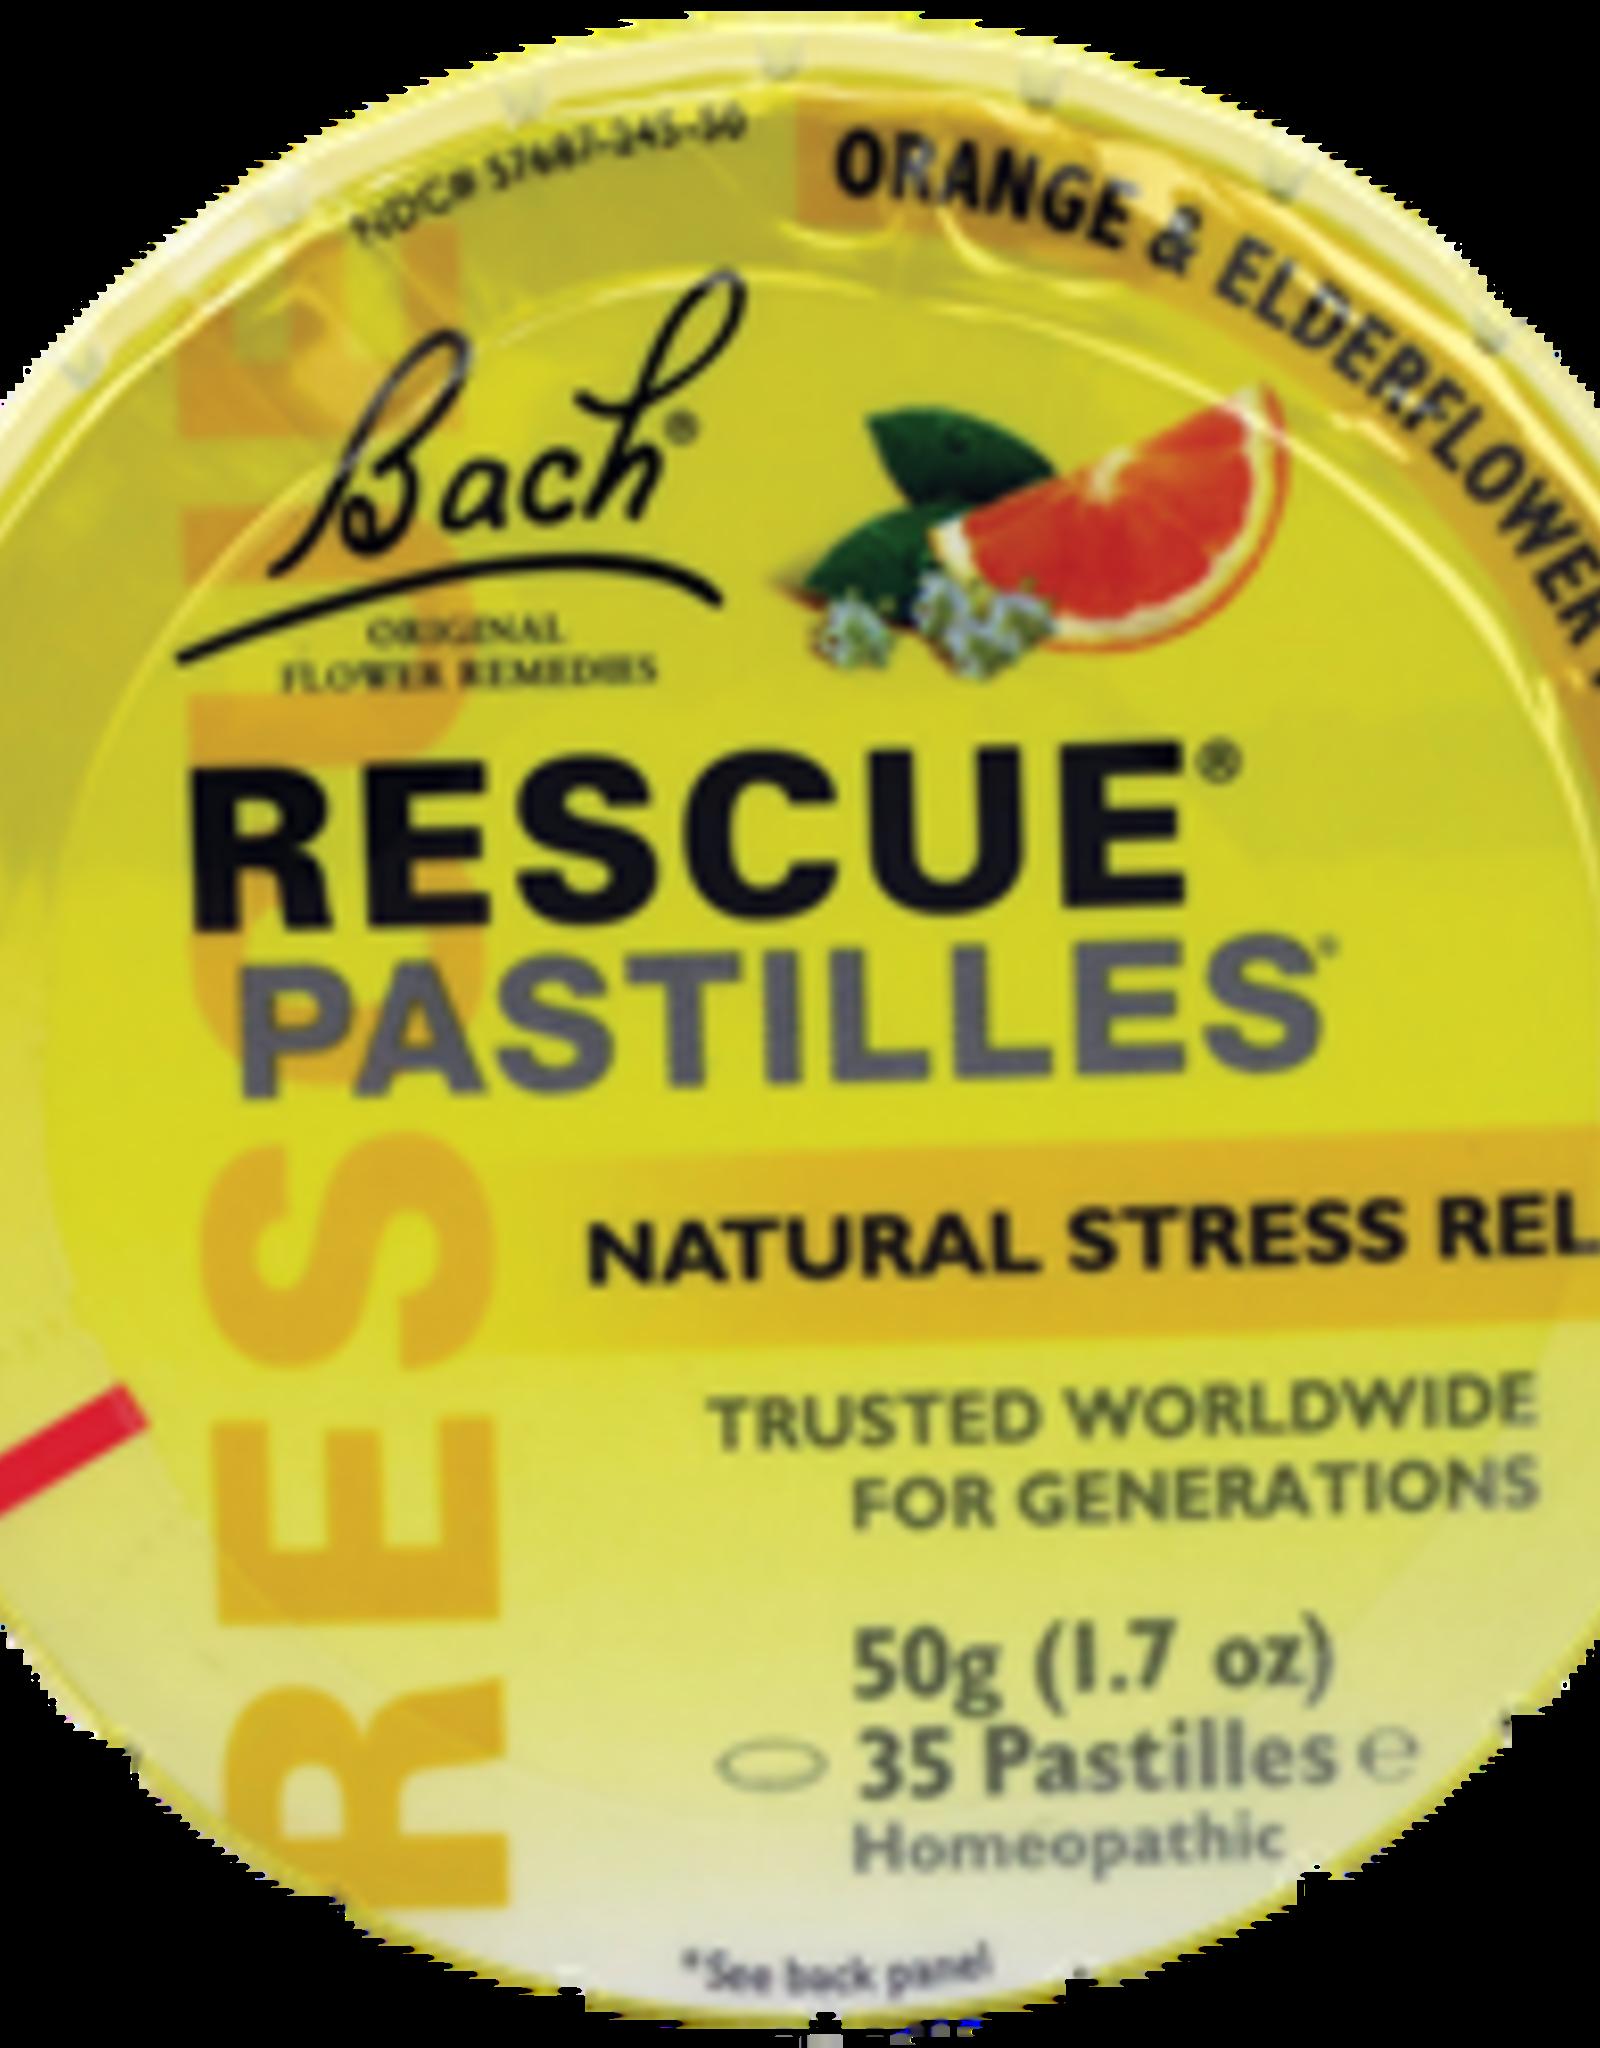 Bach Rescue Pastilles